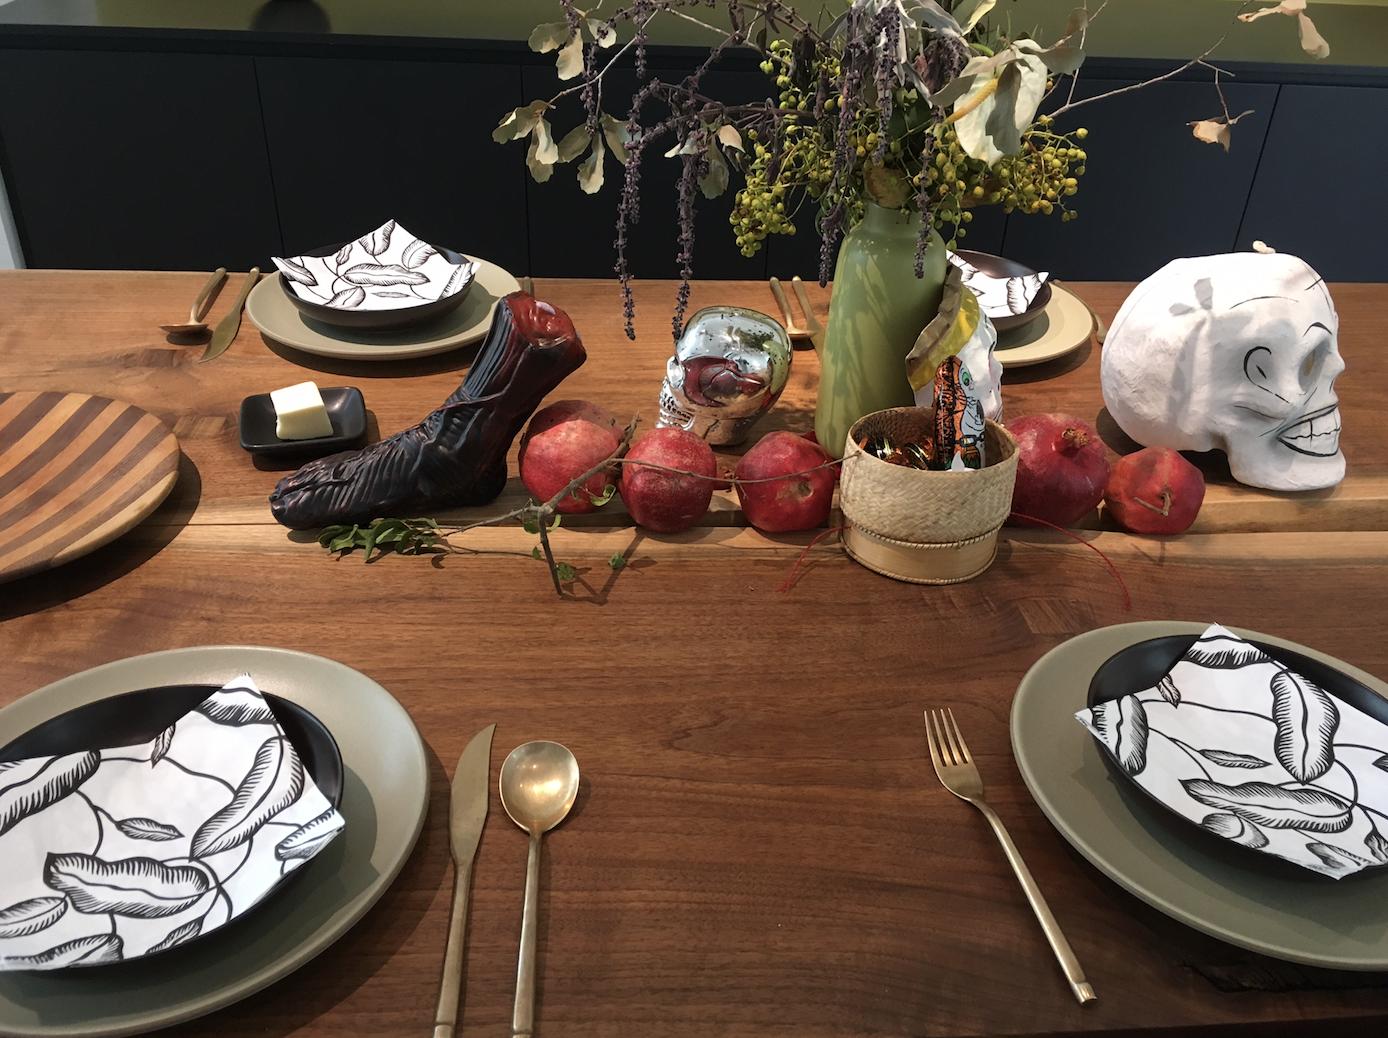 Table set for Halloween dinner.